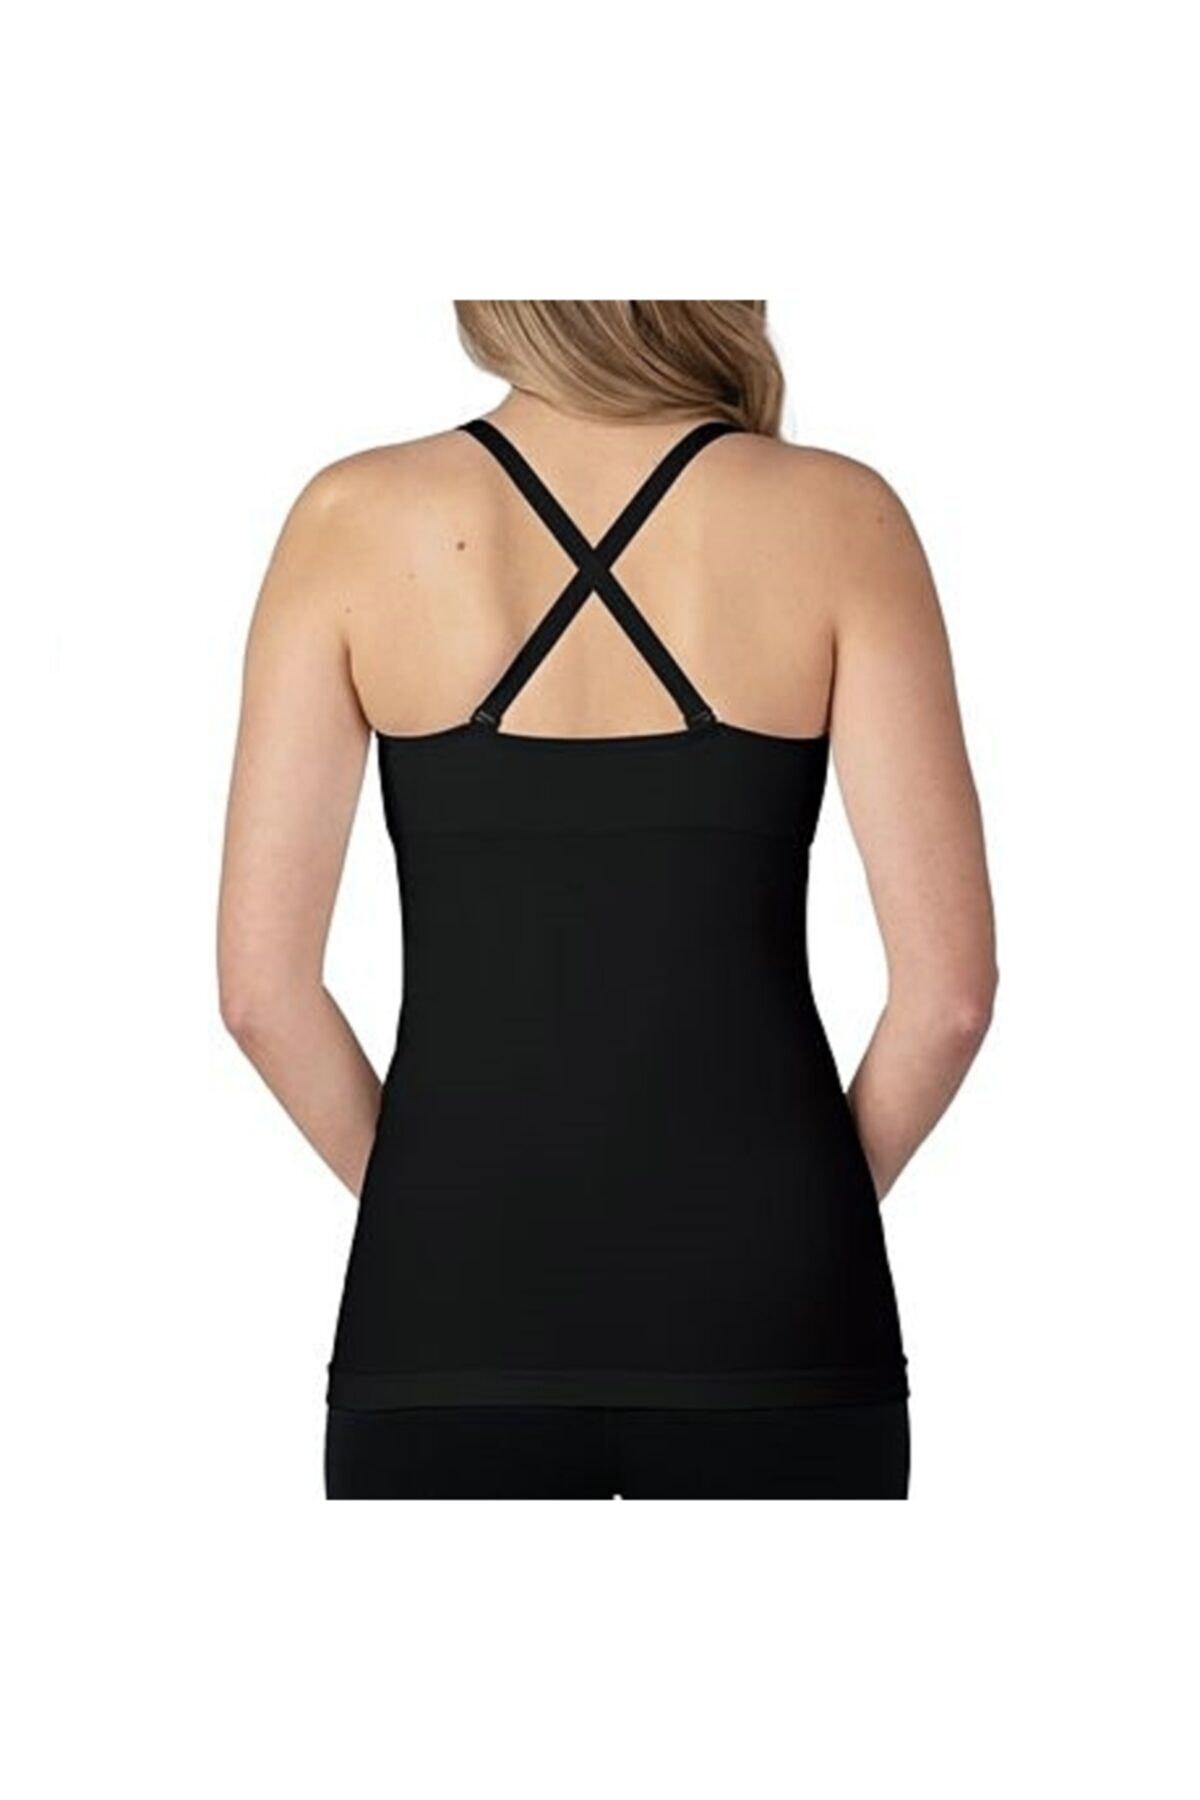 Akdağ Sportswear Toparlayıcı Büstiyerli Emzirme Atleti 1